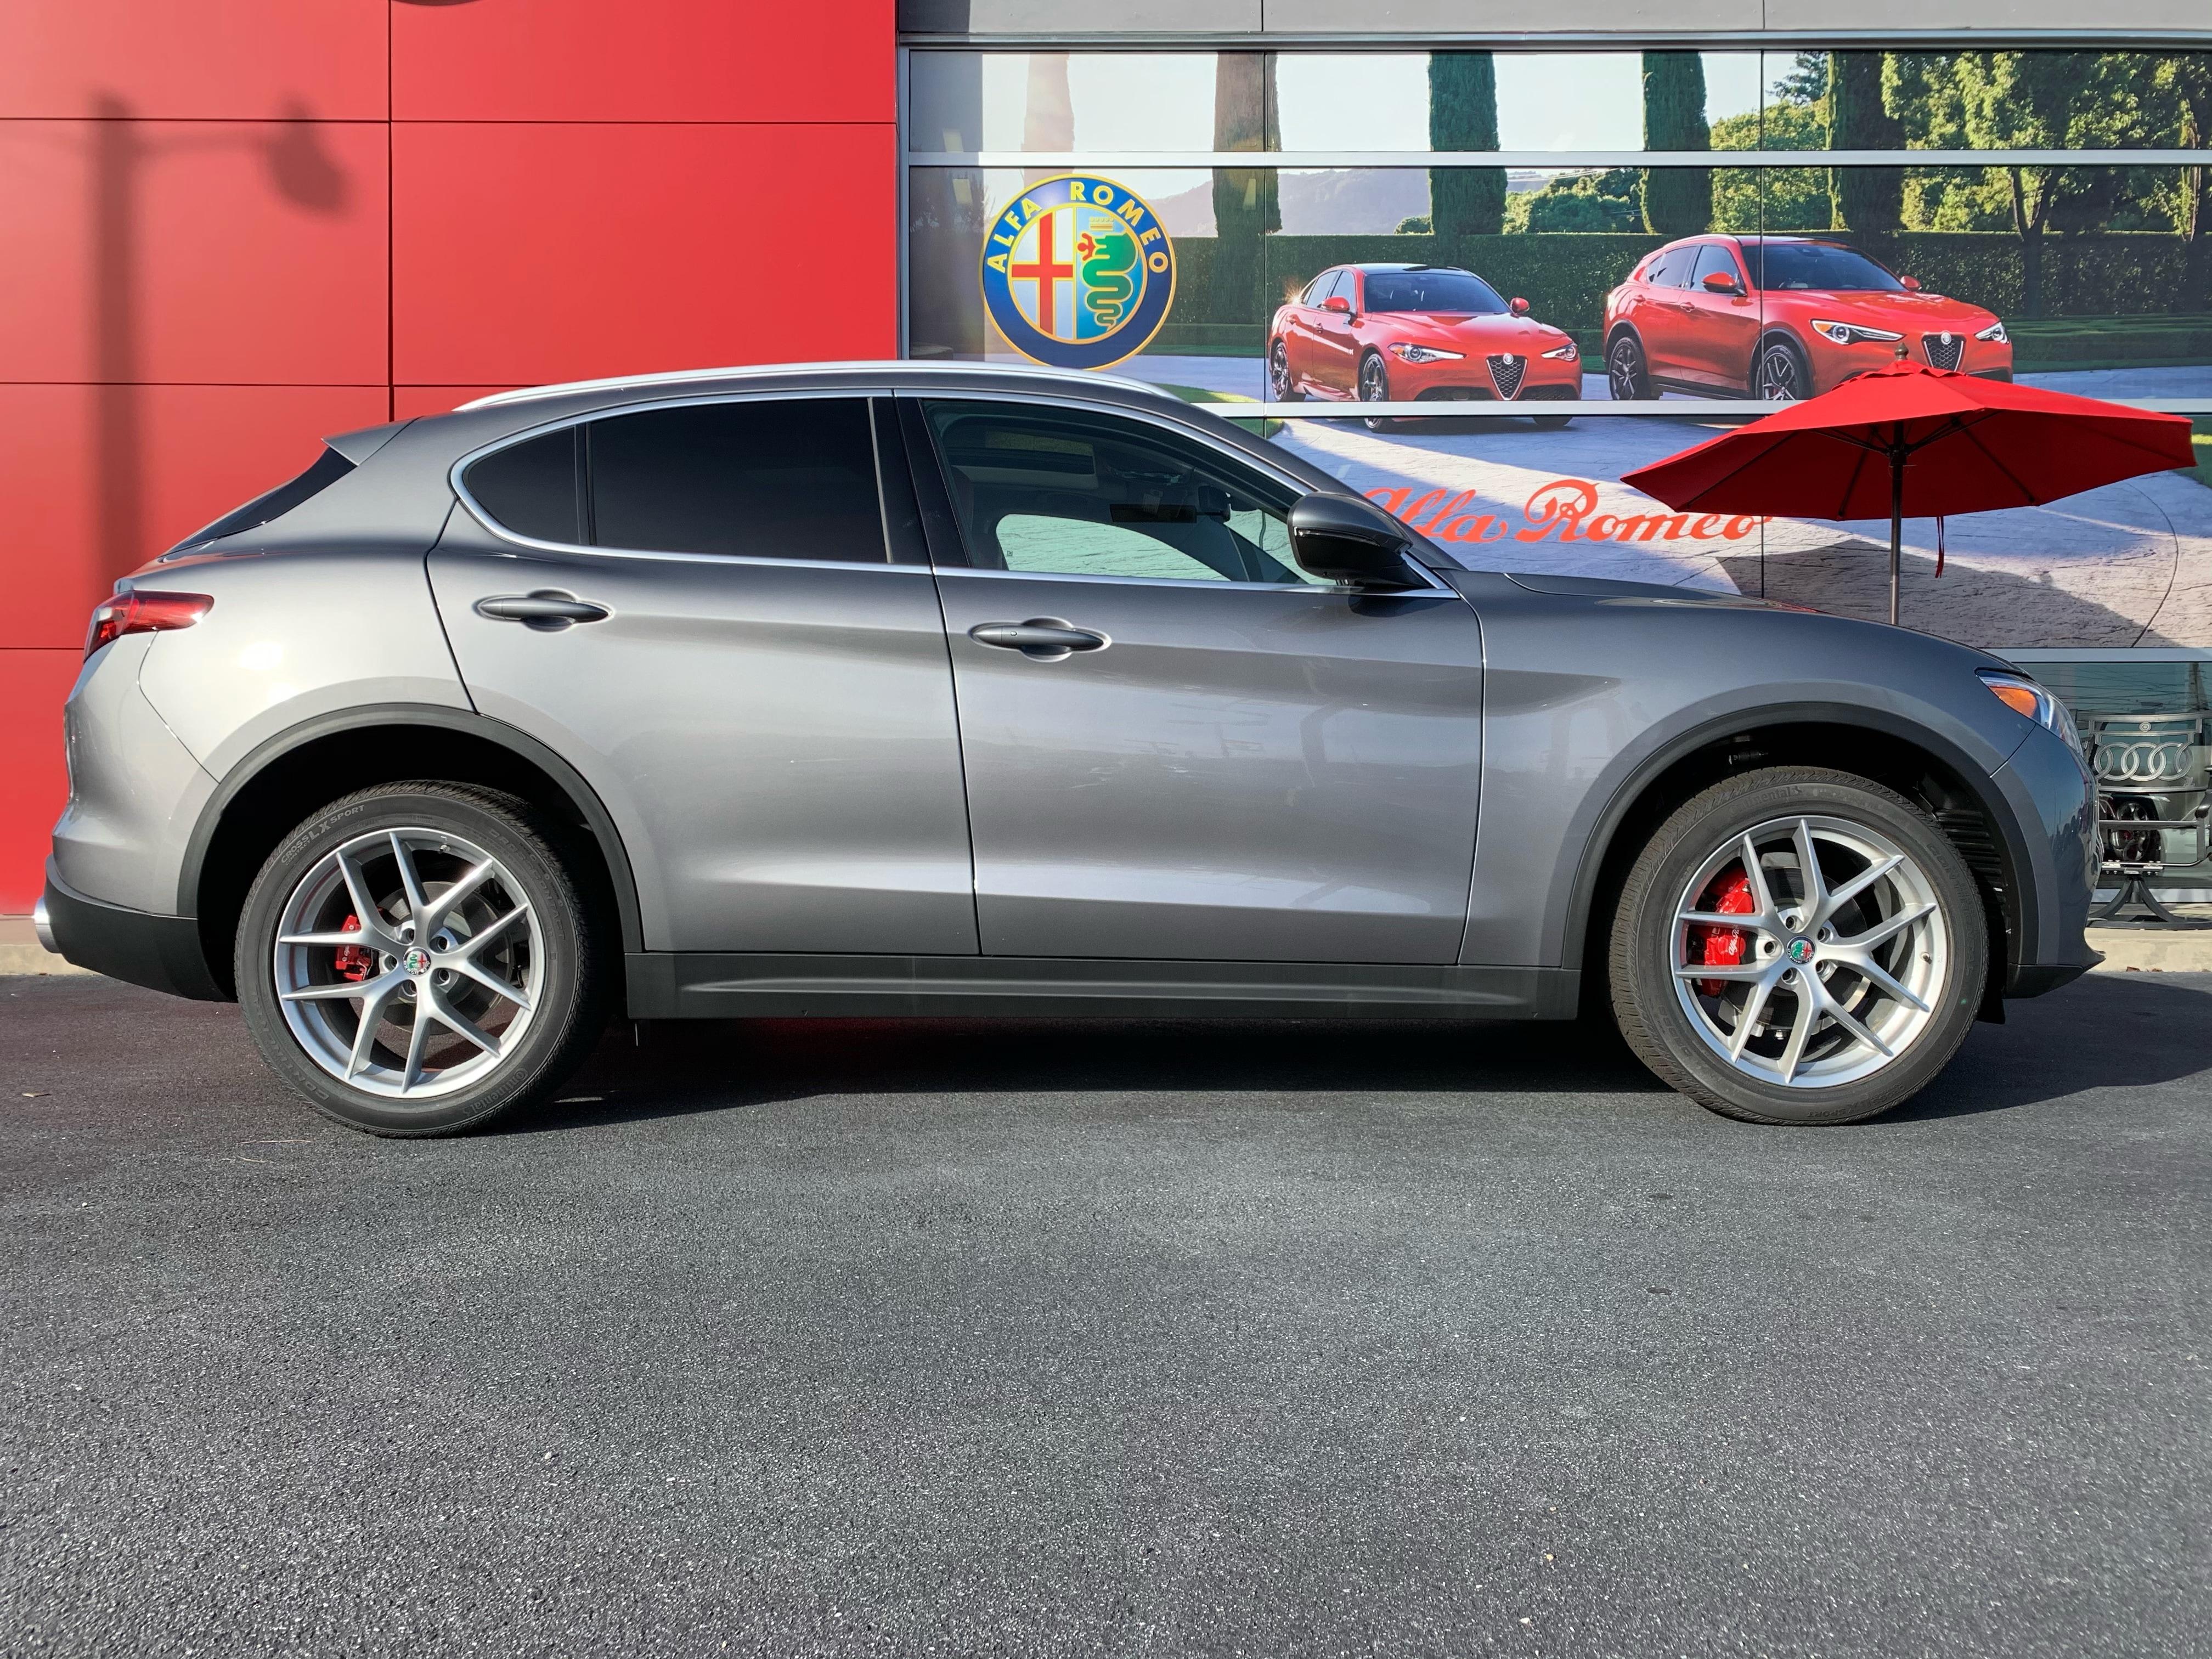 2019 Alfa Romeo Stelvio For Sale In Greer Sc Benson Alfa Romeo